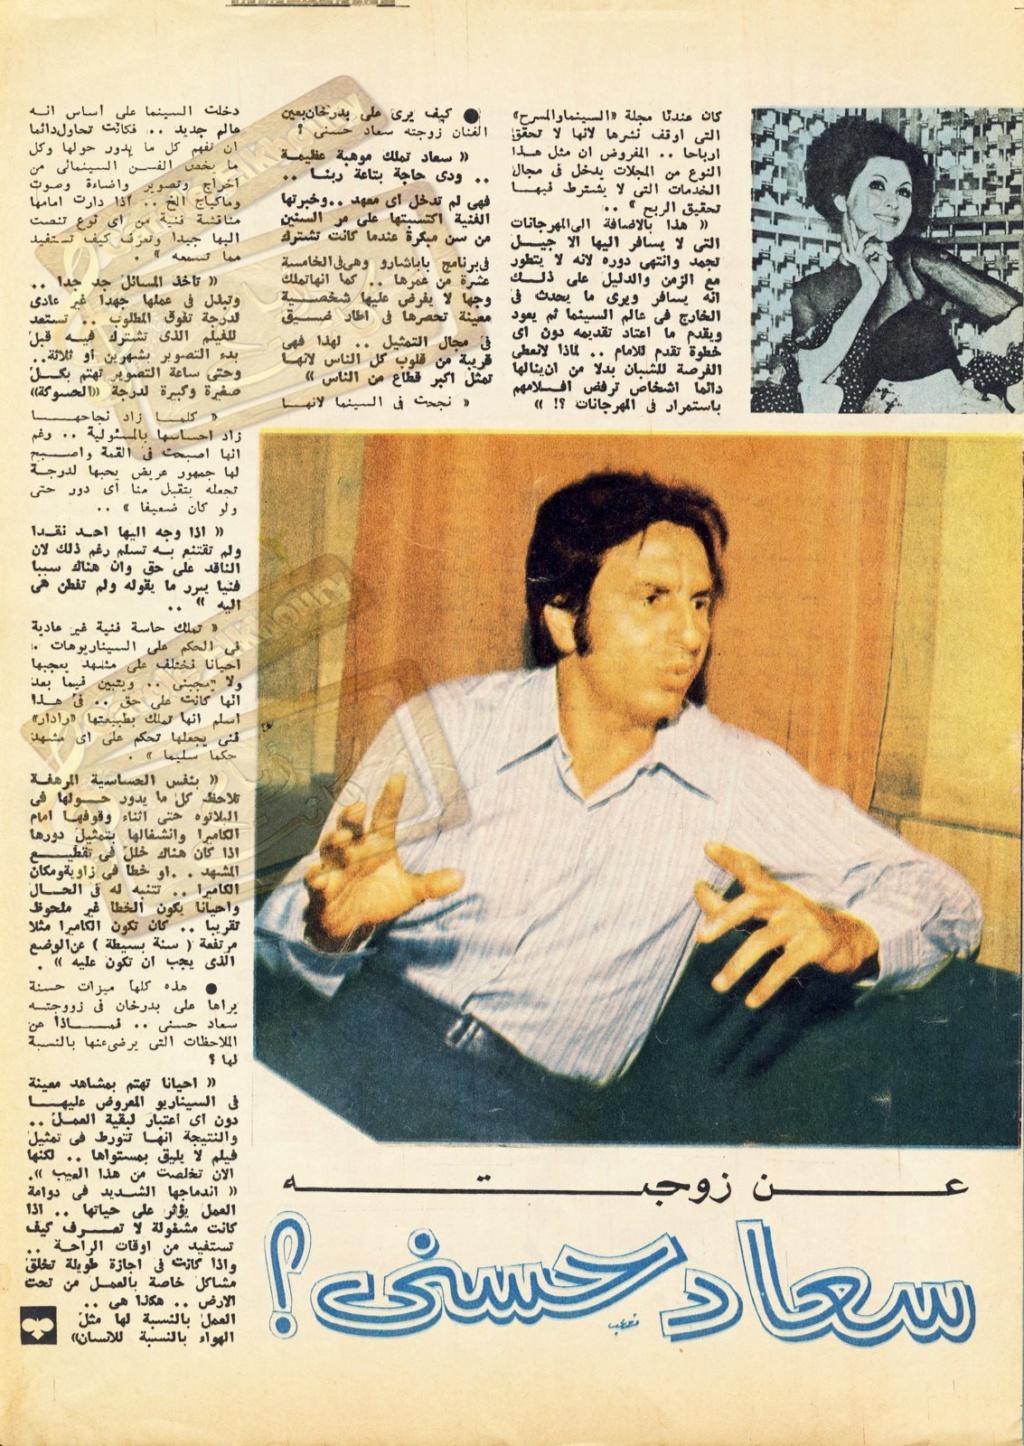 صحفي - حوار صحفي : على بدرخان .. ماذا يقول عن زوجته سعاد حسني ؟ 1974 م 249